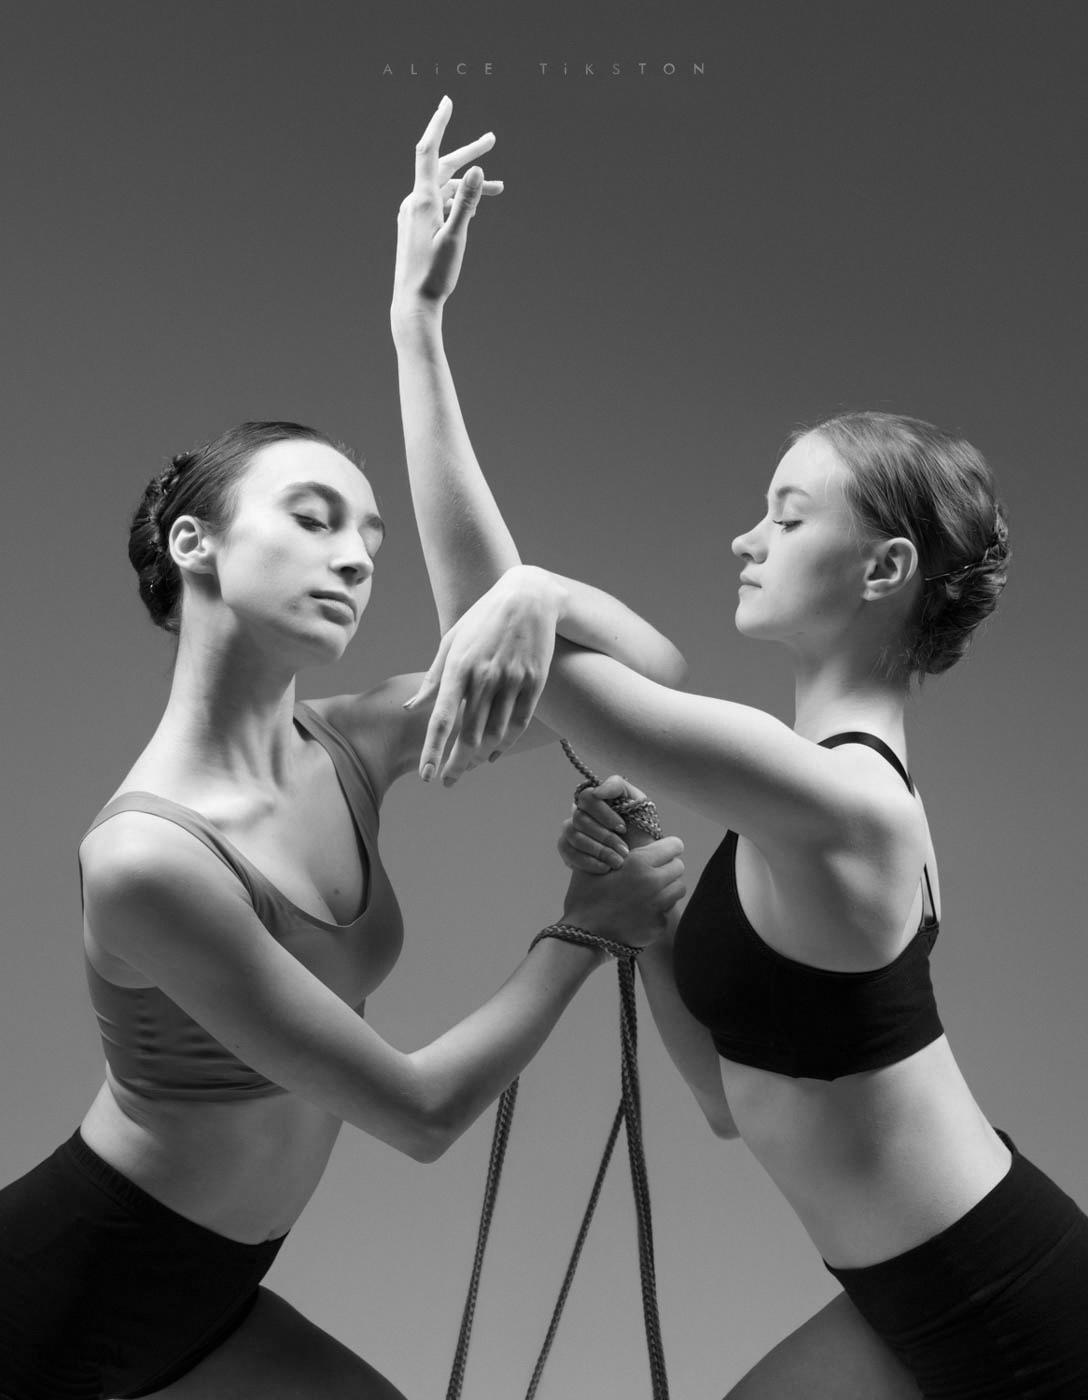 Nackt balett